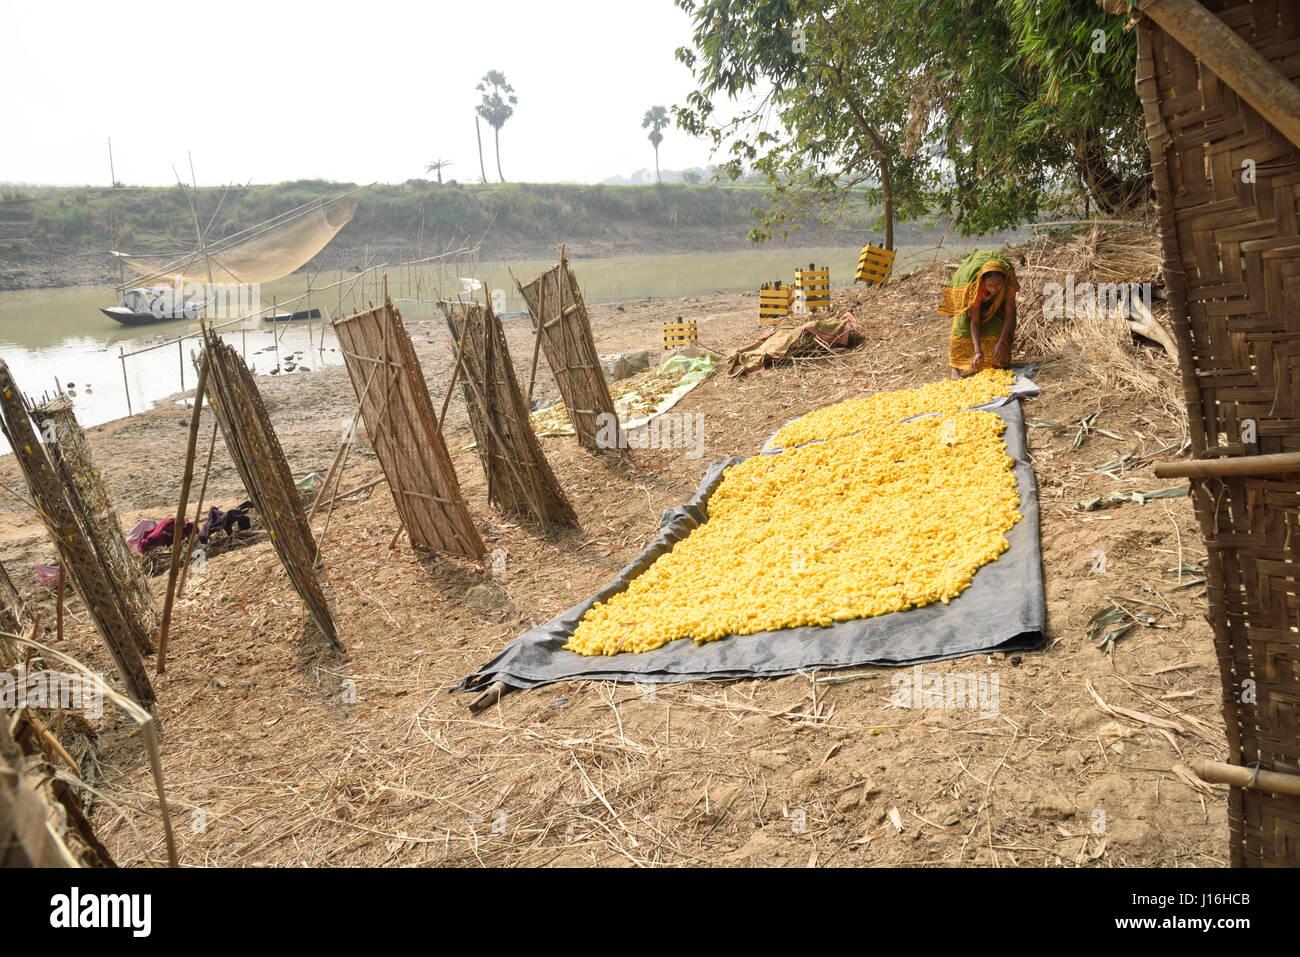 Les cocons de vers à soie dans un cadre en bambou circulaires dans la production de la soie dans un village Photo Stock